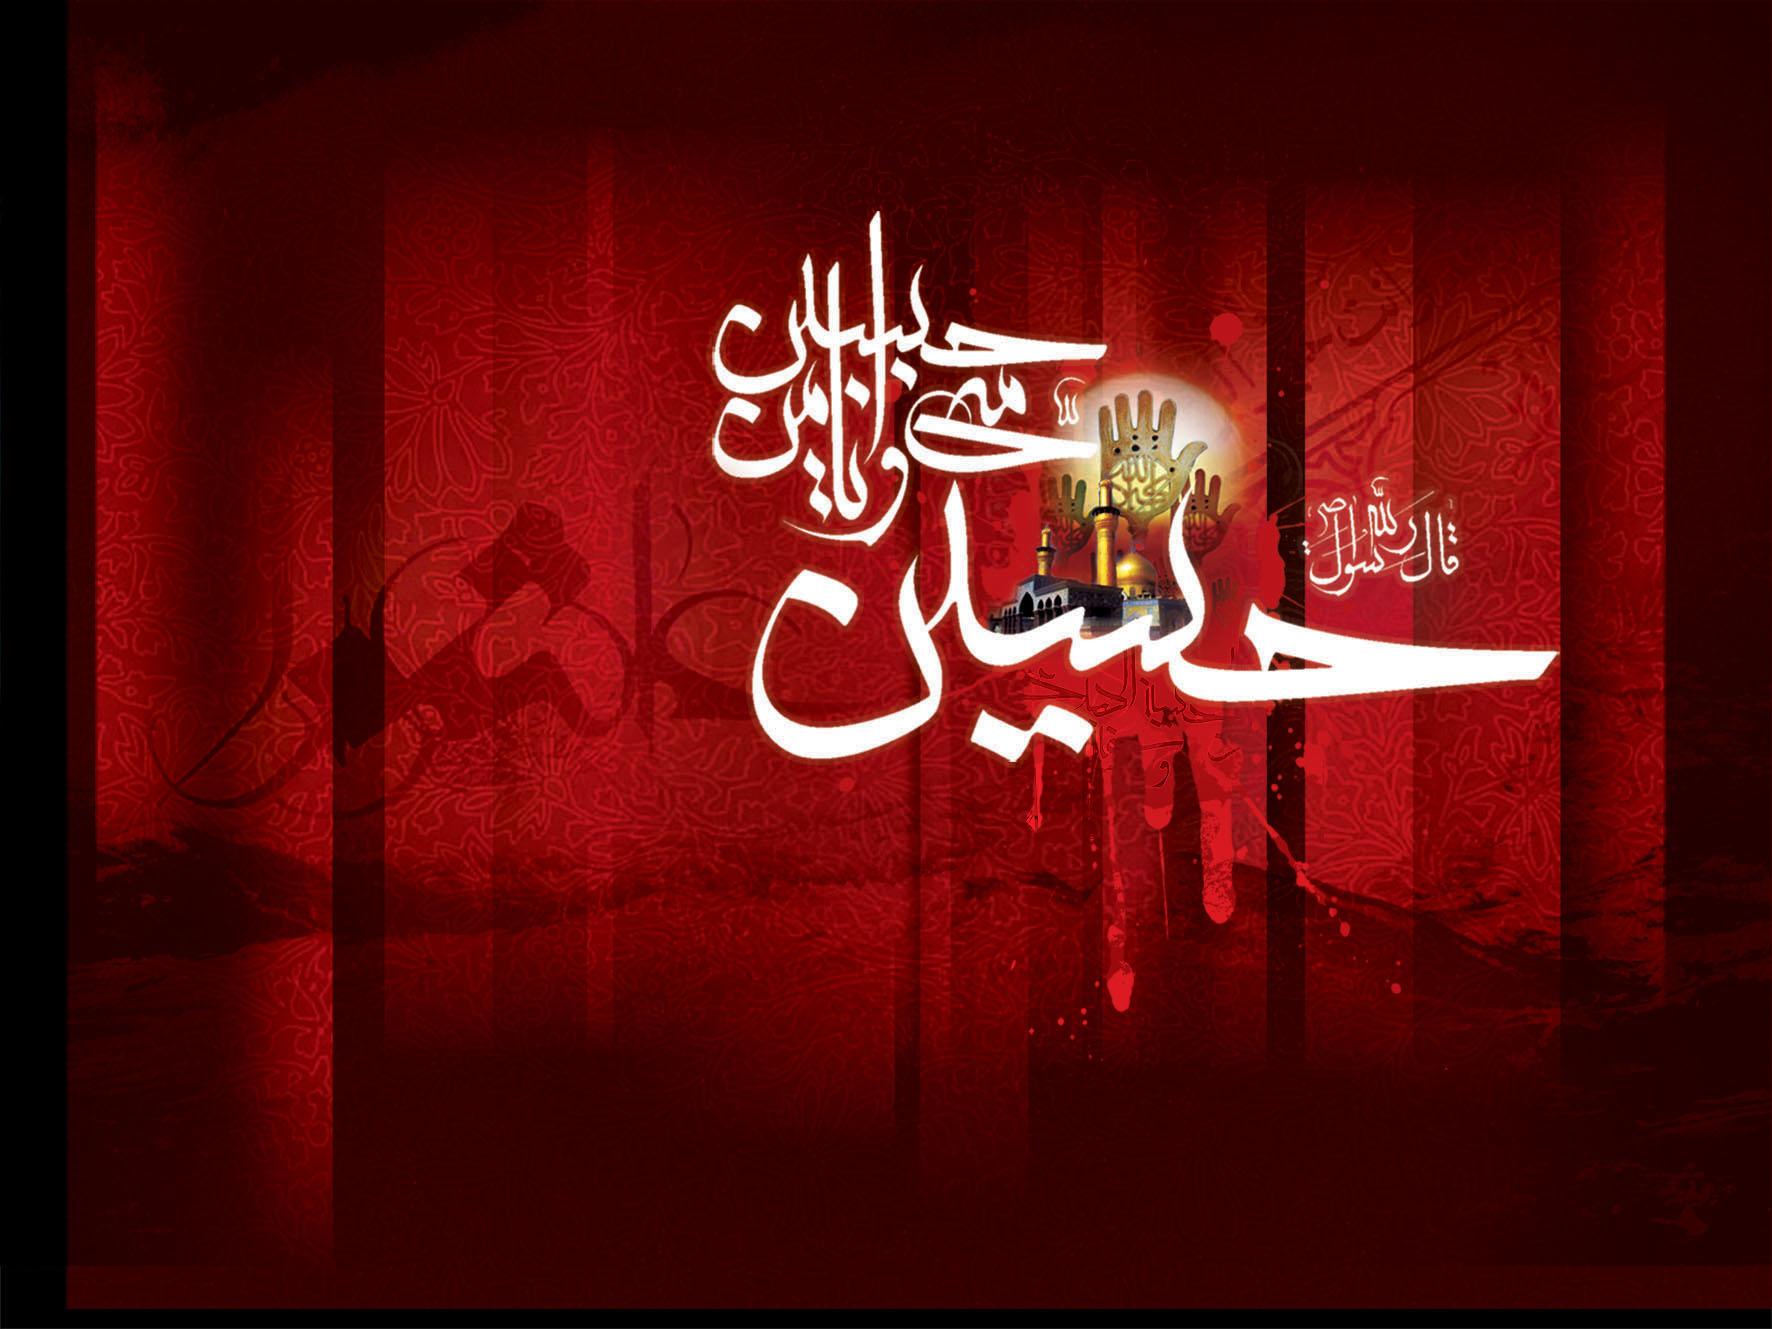 7 مراسم شب هفتم محرم ۹۲ با مداحی حاج محمود کریمی